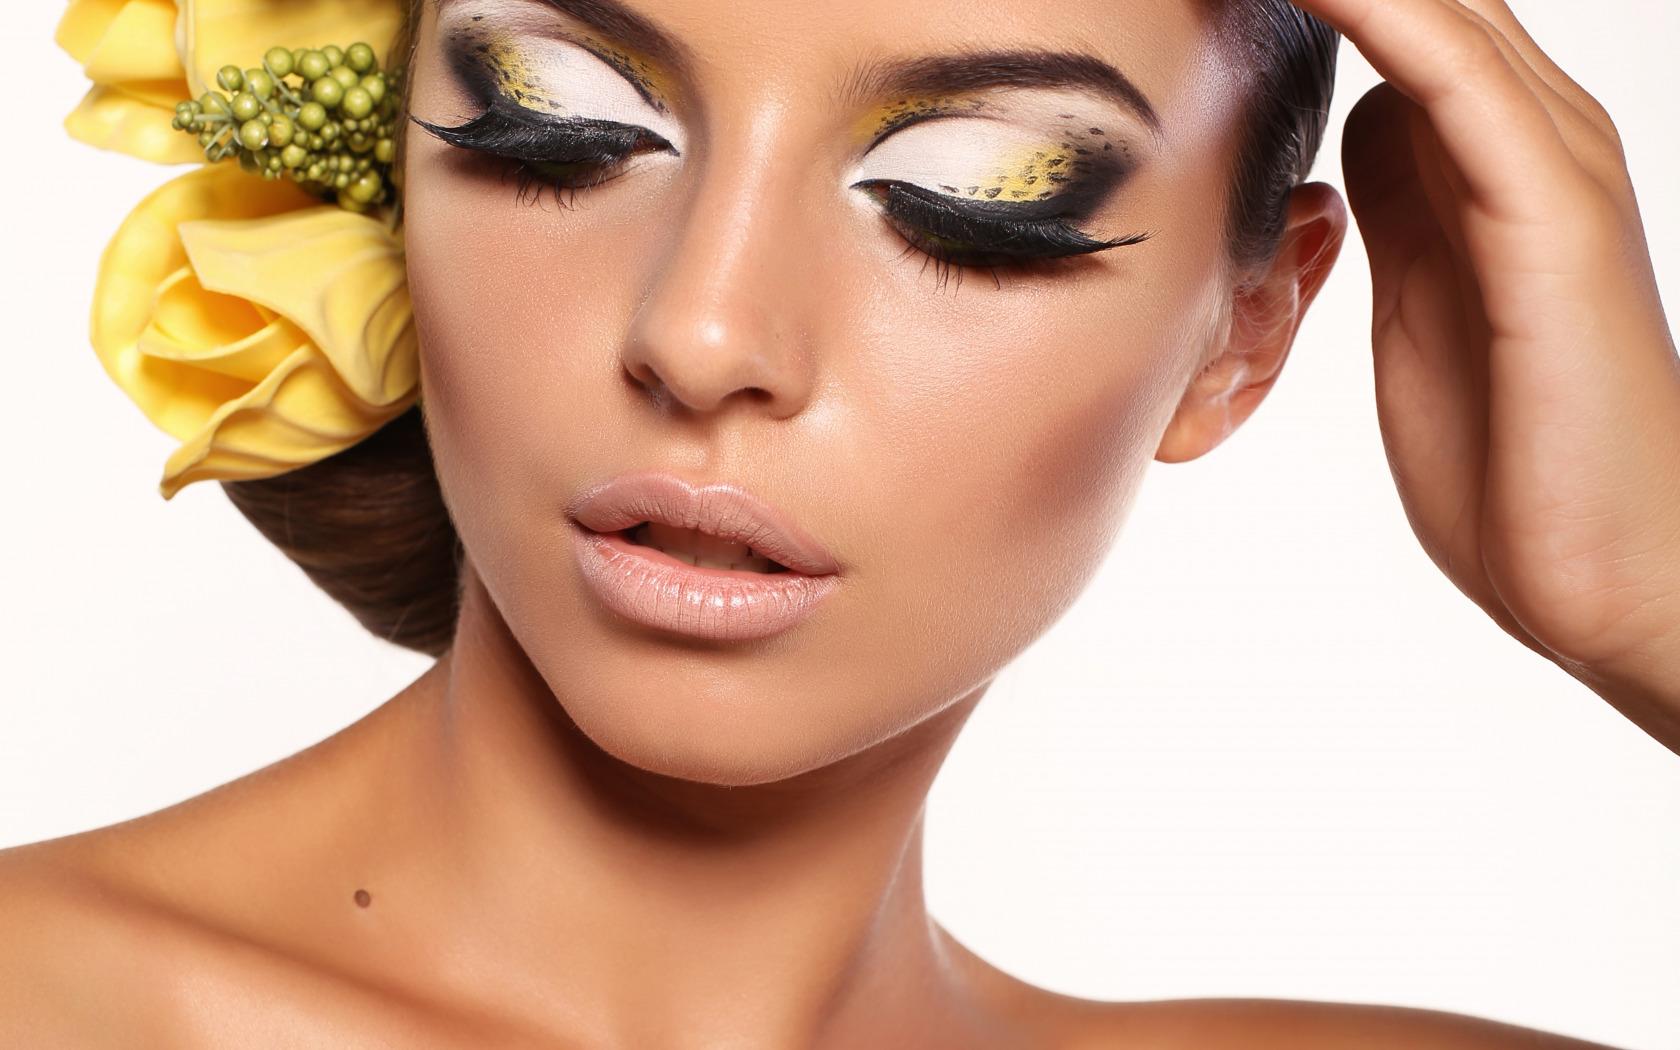 Фото девушек с профессиональным макияжем